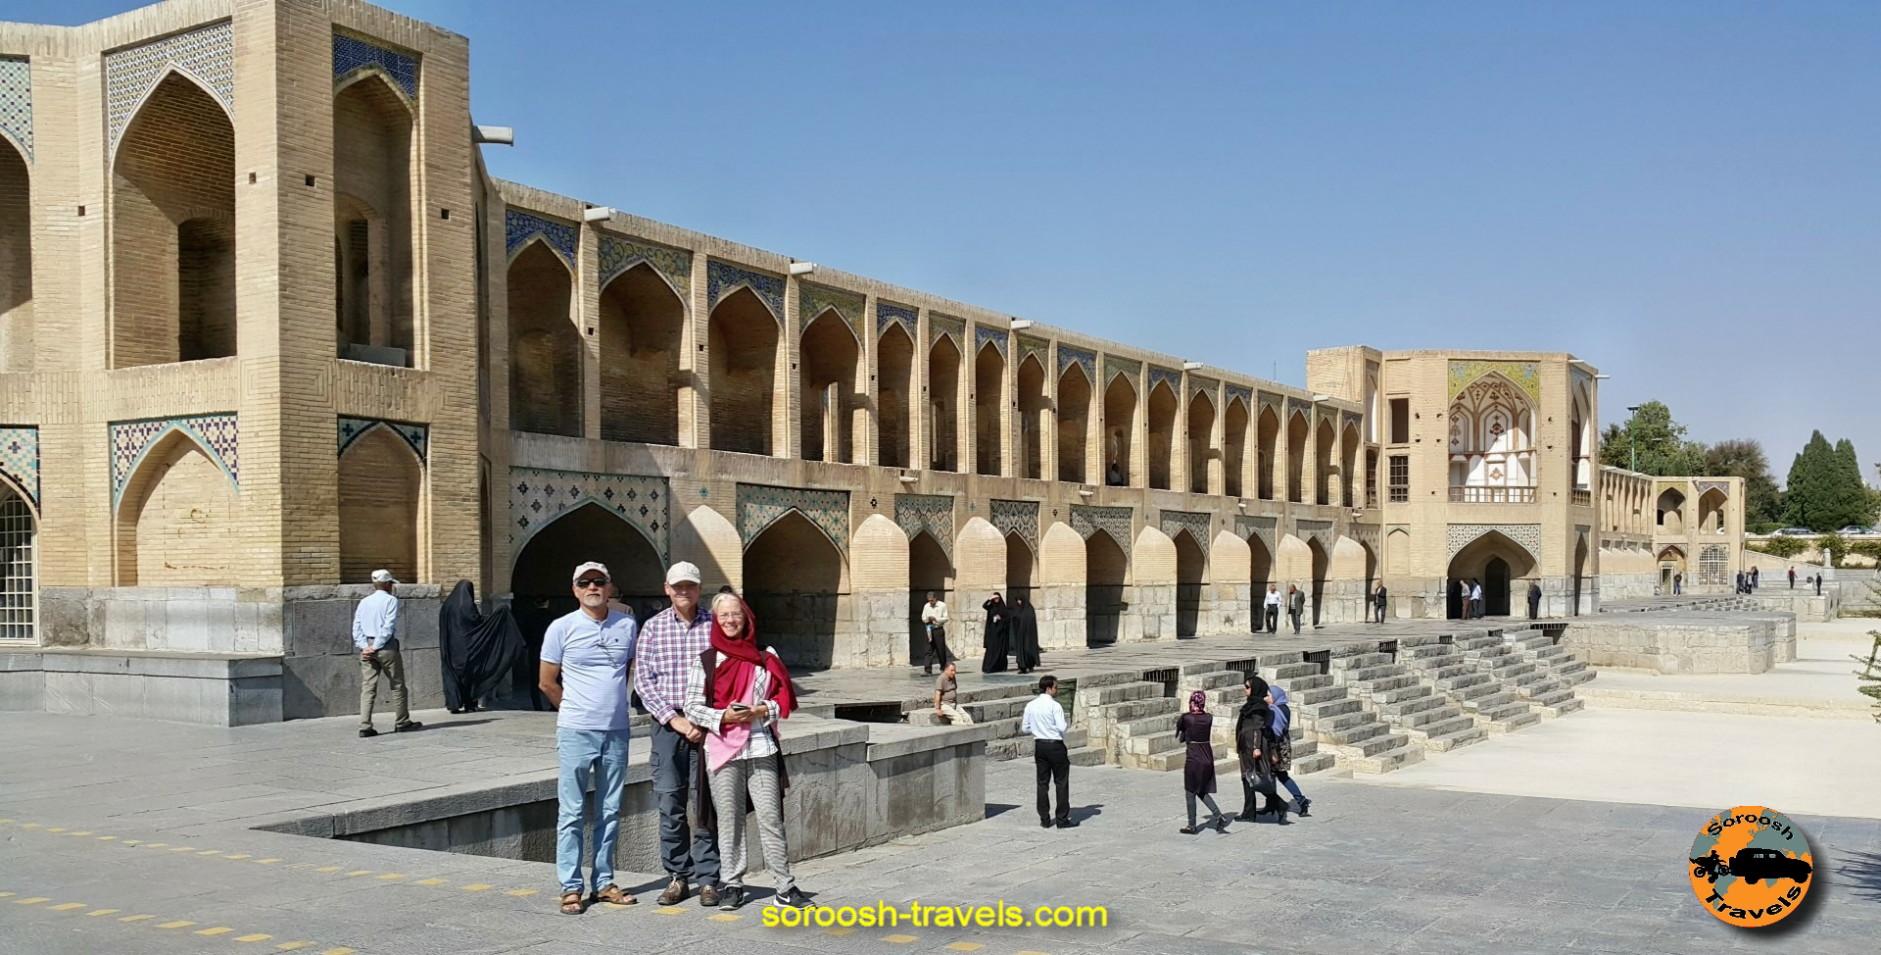 پل خواجو - دیدنیهای شهر اصفهان - مهرماه 1395